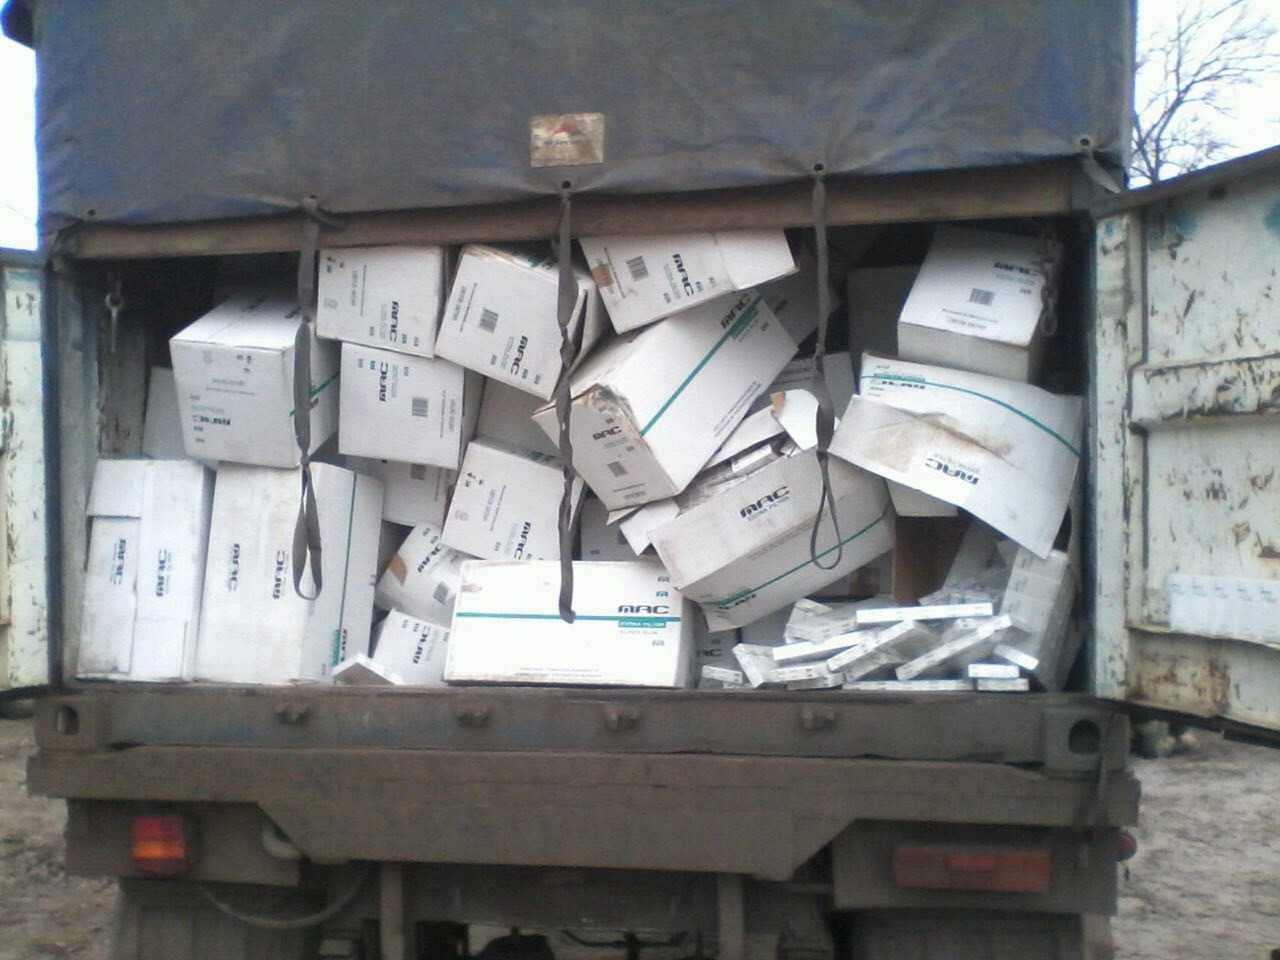 """Ганьба! Четверо службовців полку """"Київ"""" спіймані на контрабанді цигарок, які вироблялися на території ДНР. Стали відомі подробиці."""